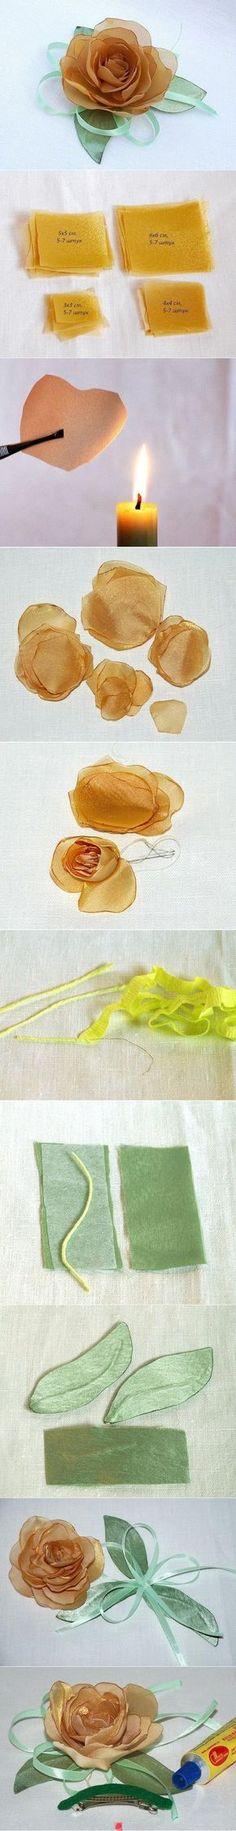 Flores materiais  diversos